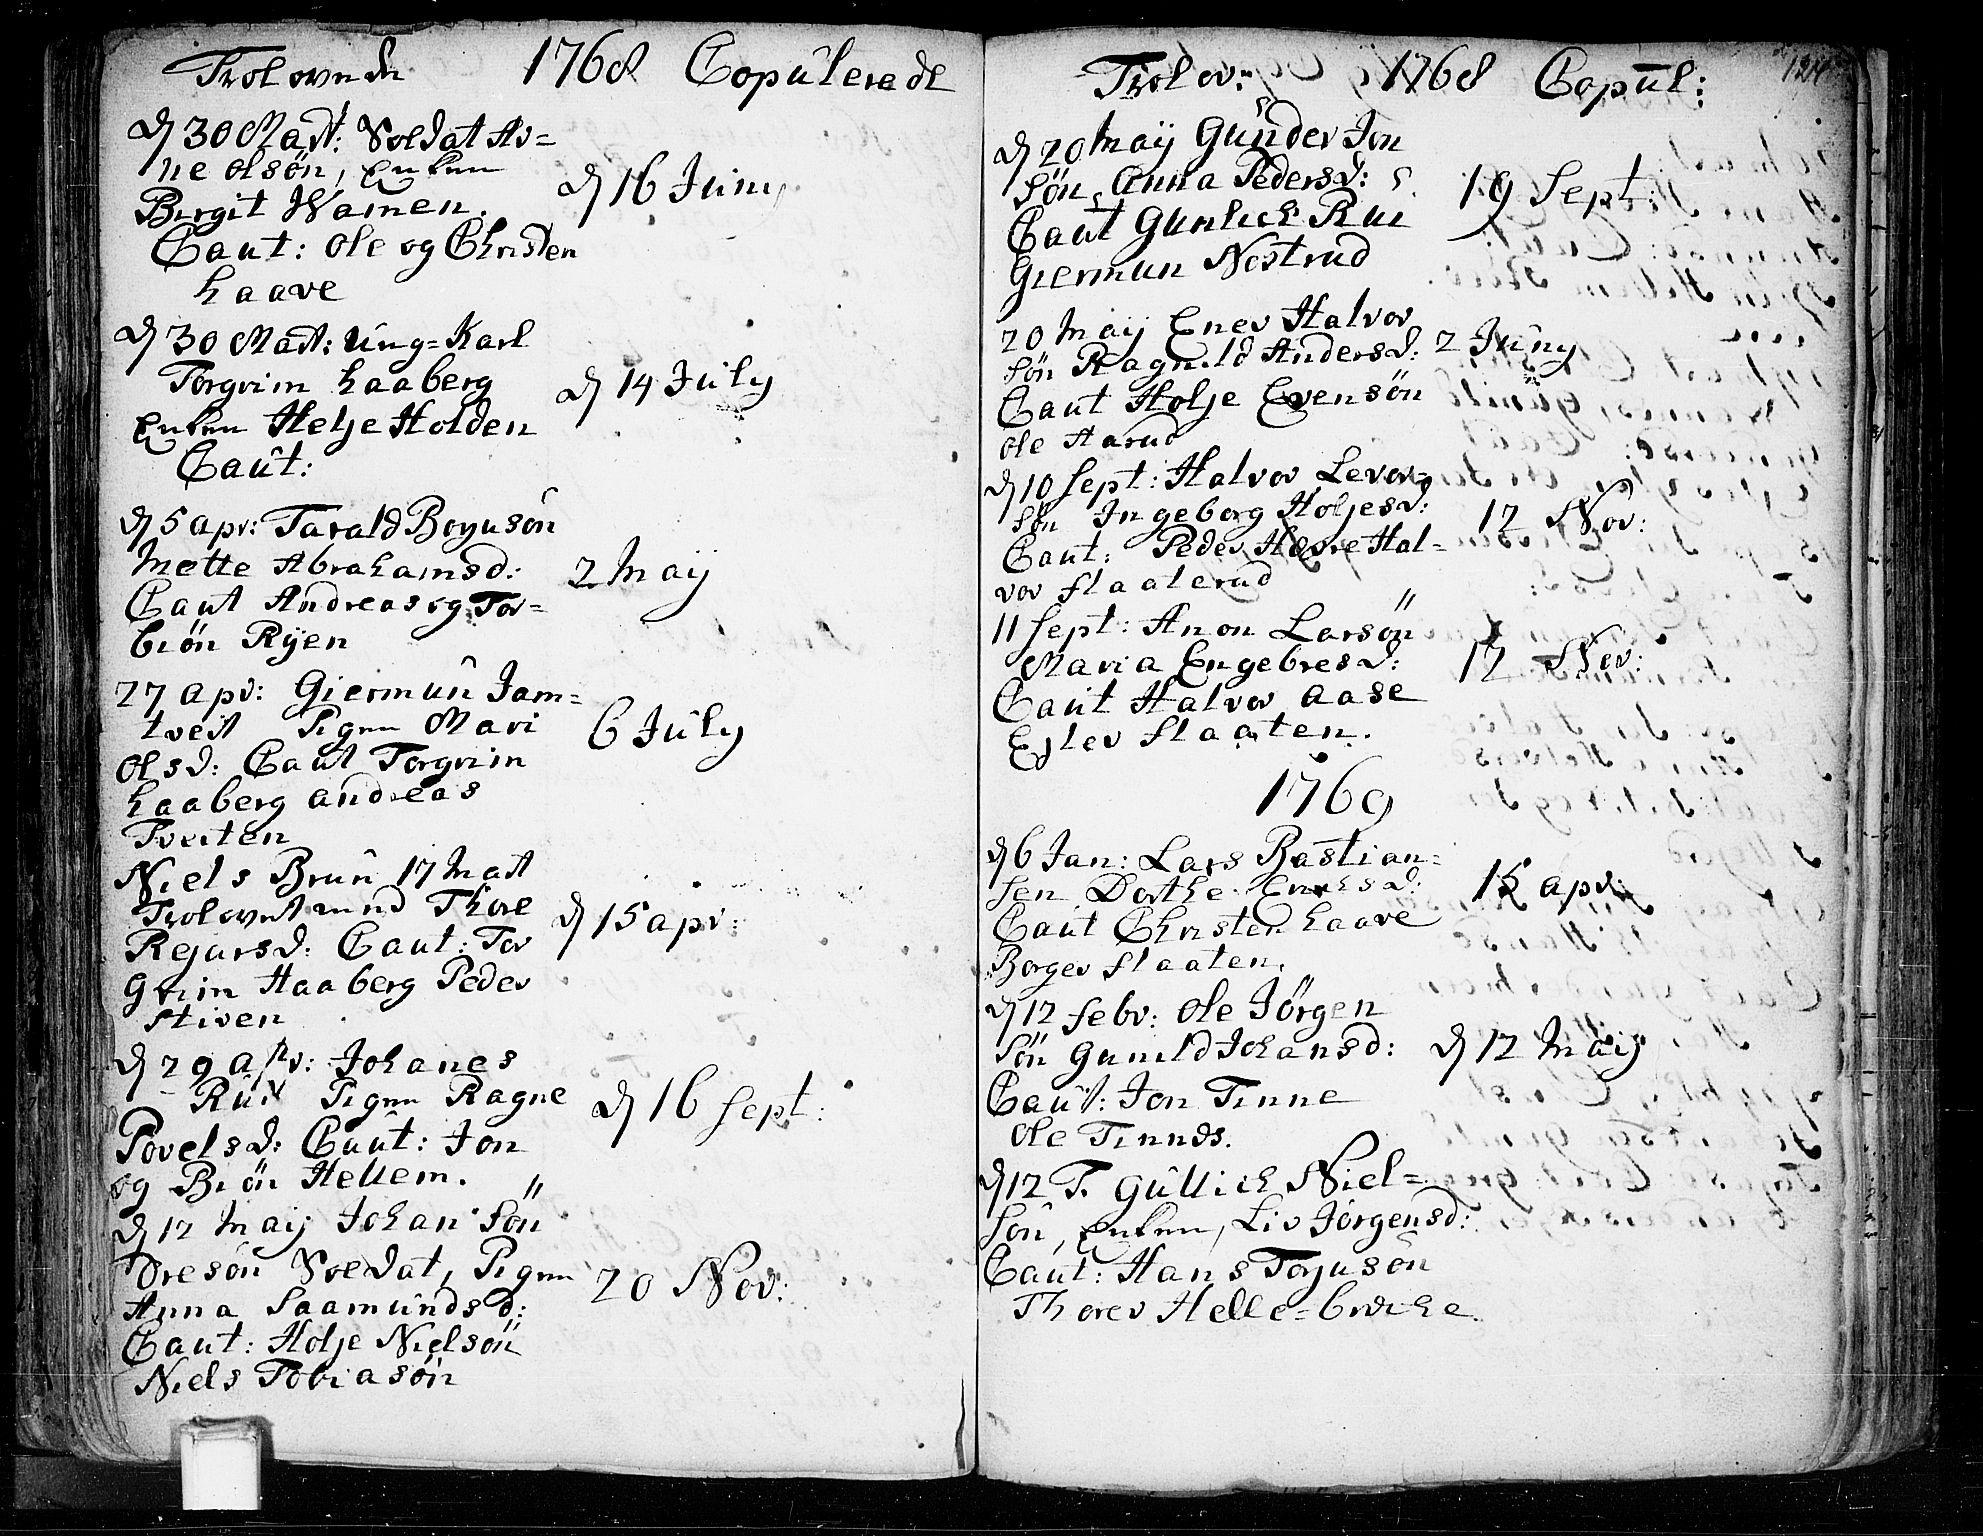 SAKO, Heddal kirkebøker, F/Fa/L0003: Ministerialbok nr. I 3, 1723-1783, s. 124